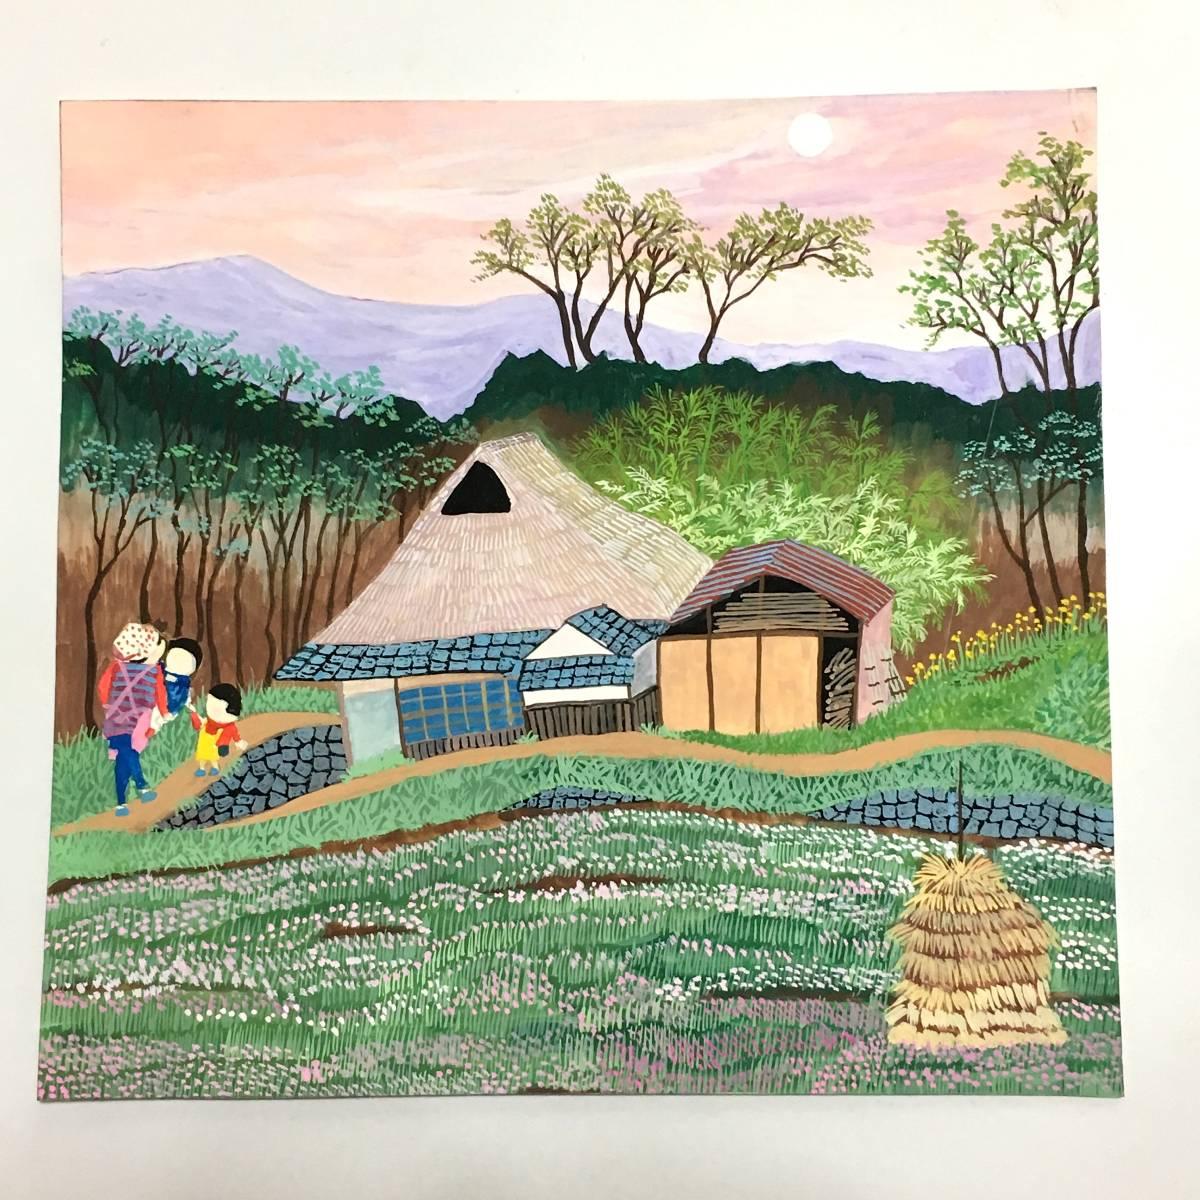 肉筆保証◆作者不明 絵画 田舎 アクリル 叙情的 検)谷内六郎